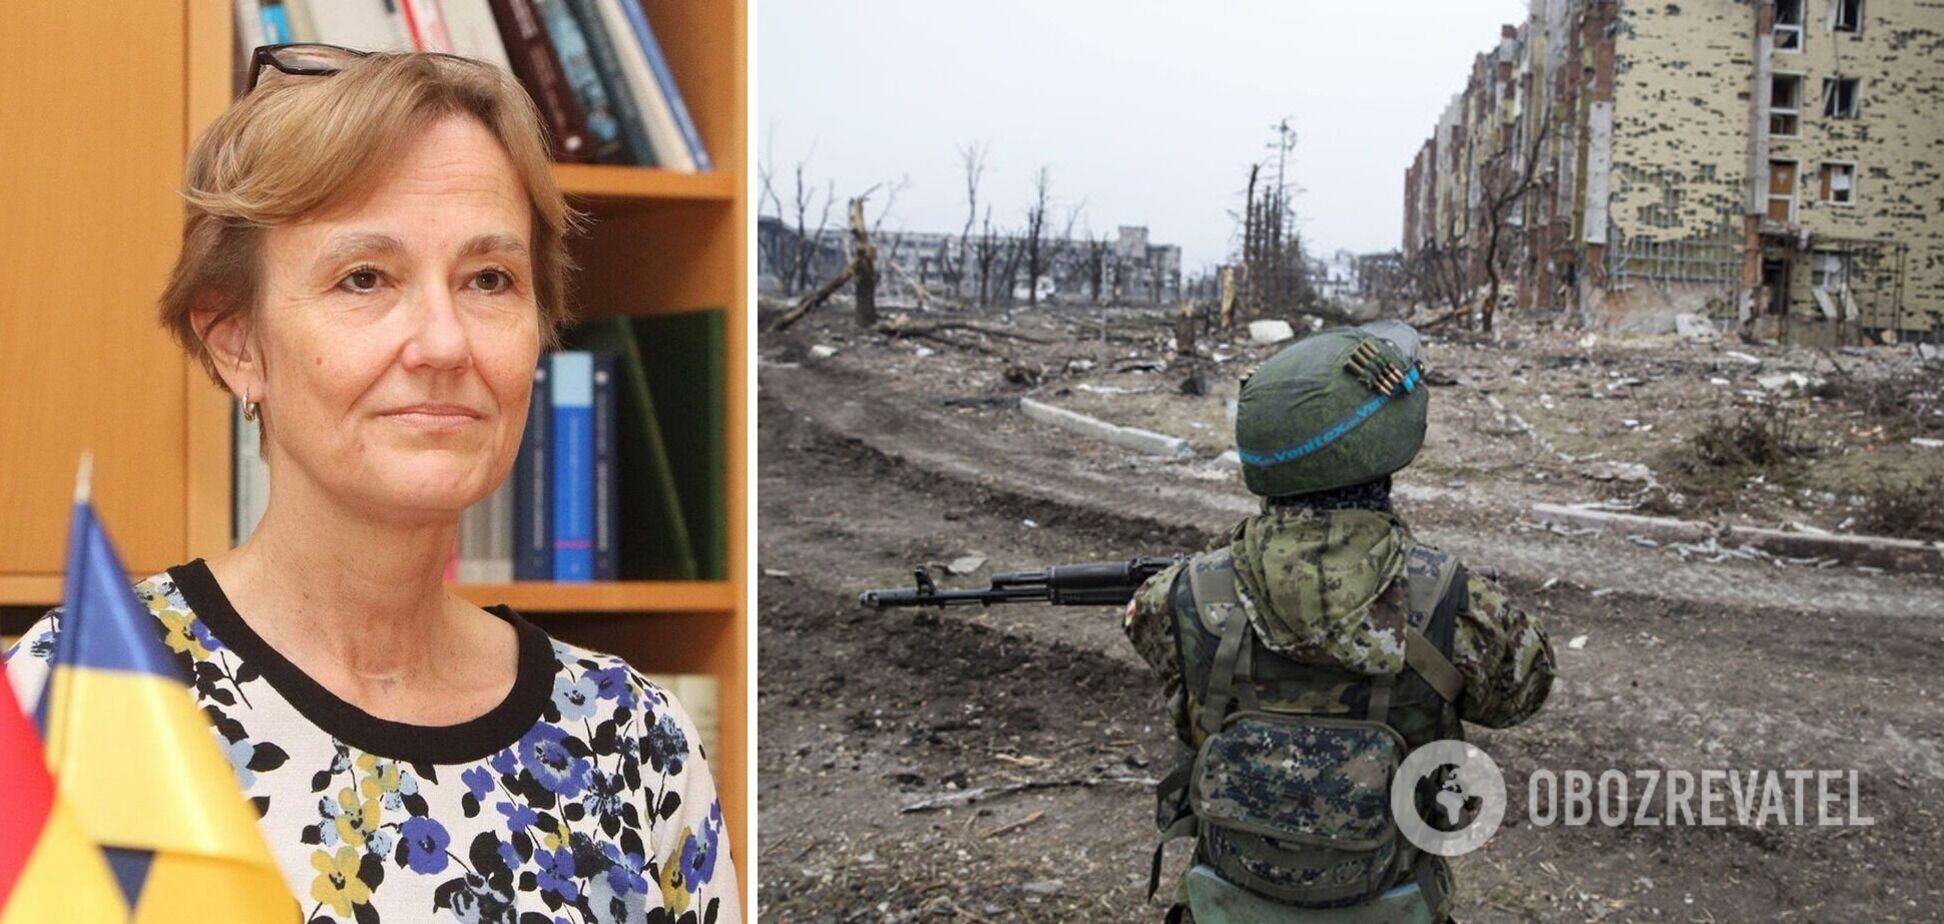 Мінські домовленості мають бути адаптовані до поточної ситуації на Донбасі